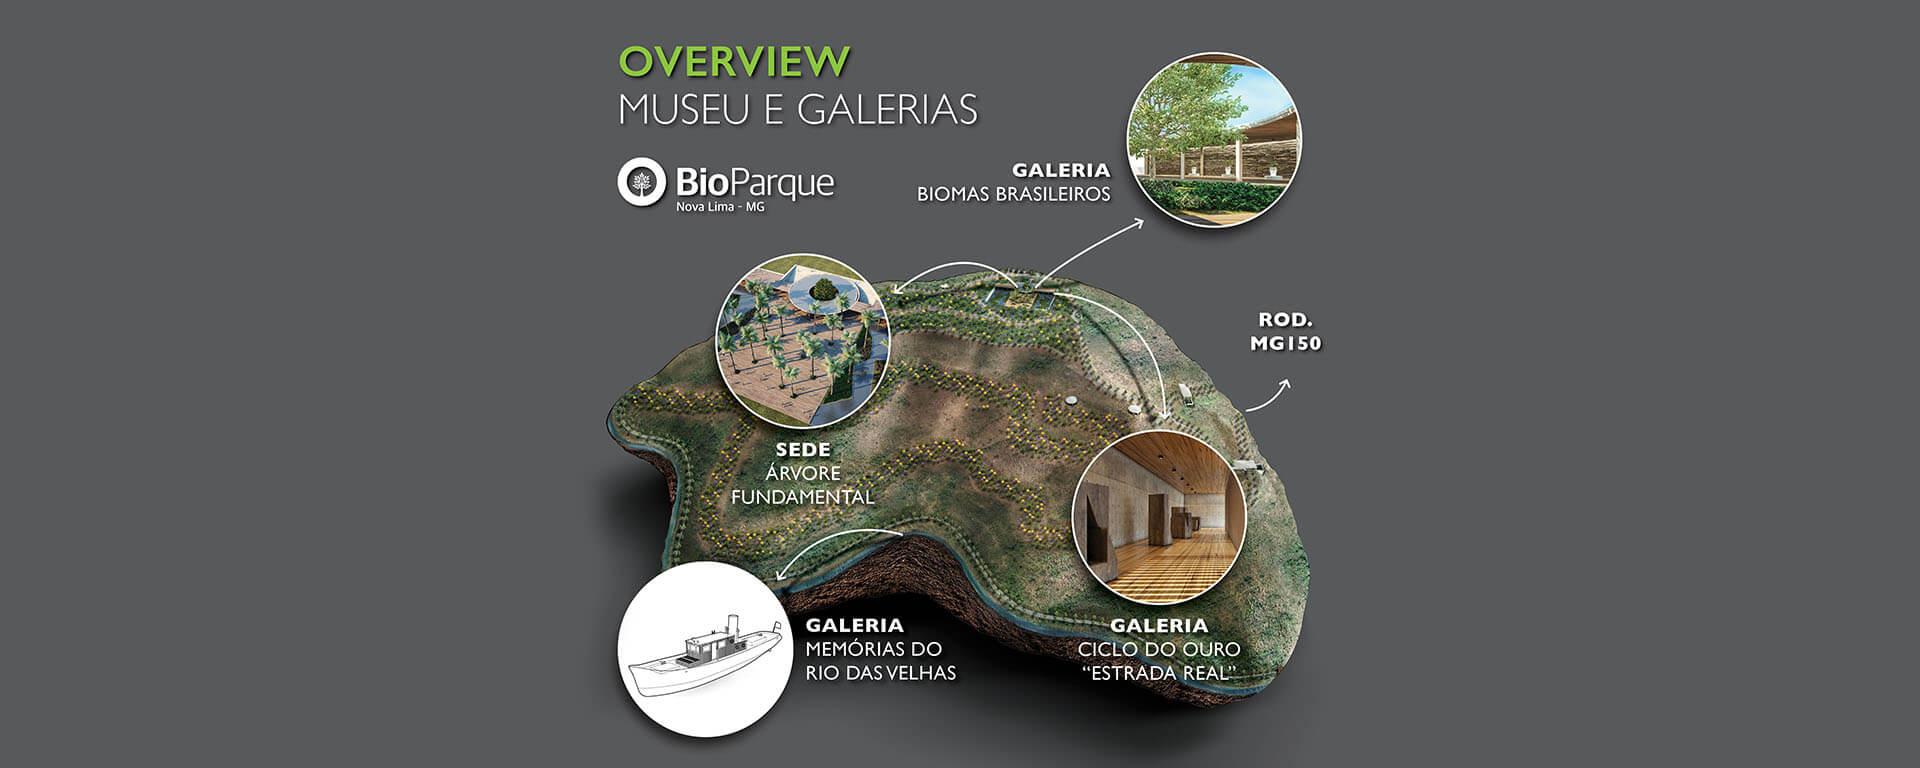 BioParque Museu e Galerias